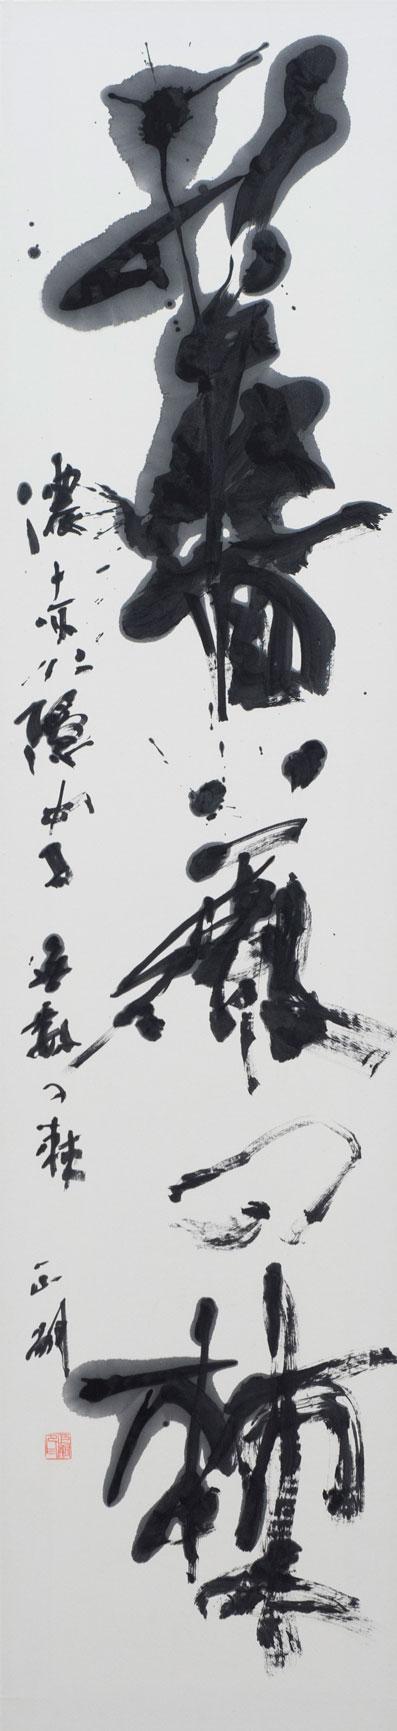 2017-jp-shodo-inspiration-516.jpg